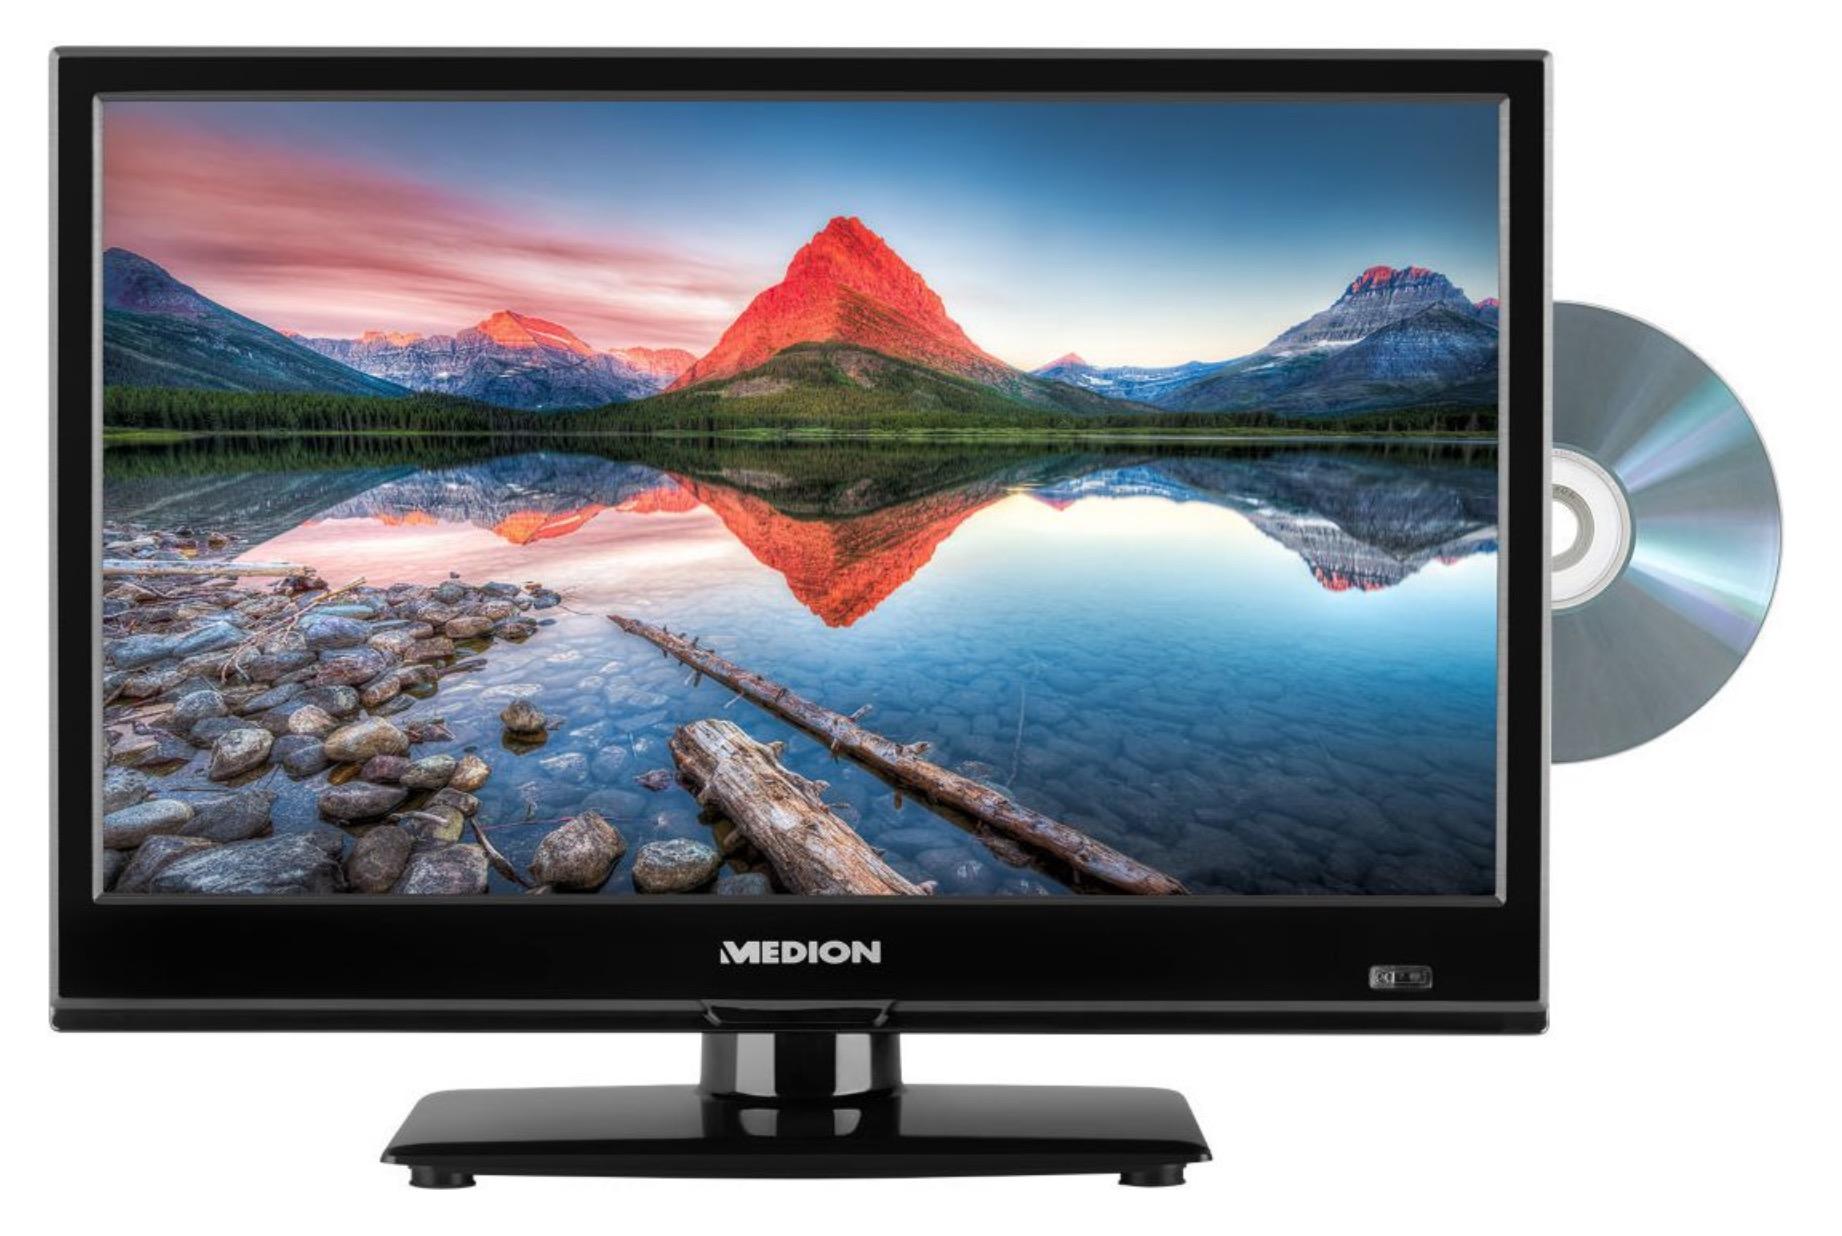 MEDION LIFE P12308 TV (integrierter DVD-Player, HD Triple Tuner, CI+) für nur 79,95 Euro